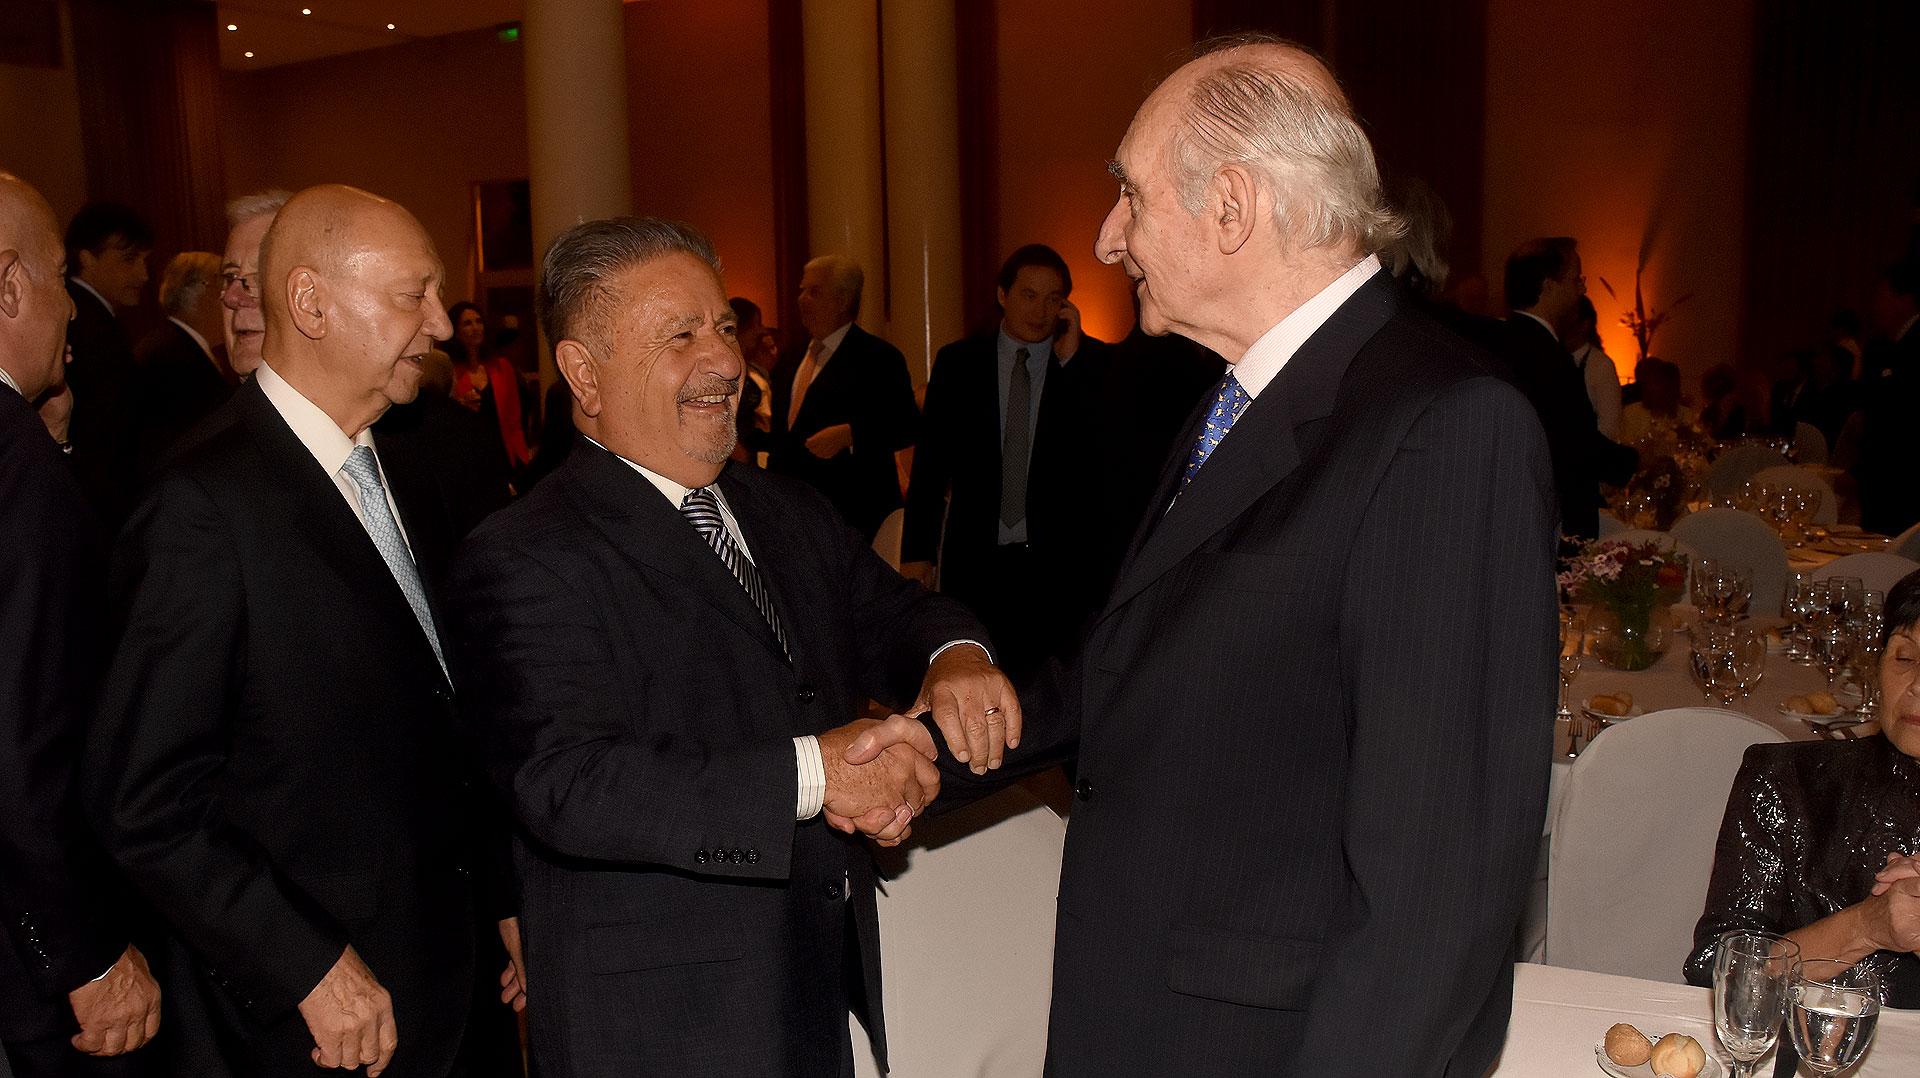 Eduardo Duhalde y Fernando De la Rúa juntos en la cena anual del Consejo Argentino para las Relaciones Internacionales (CARI)